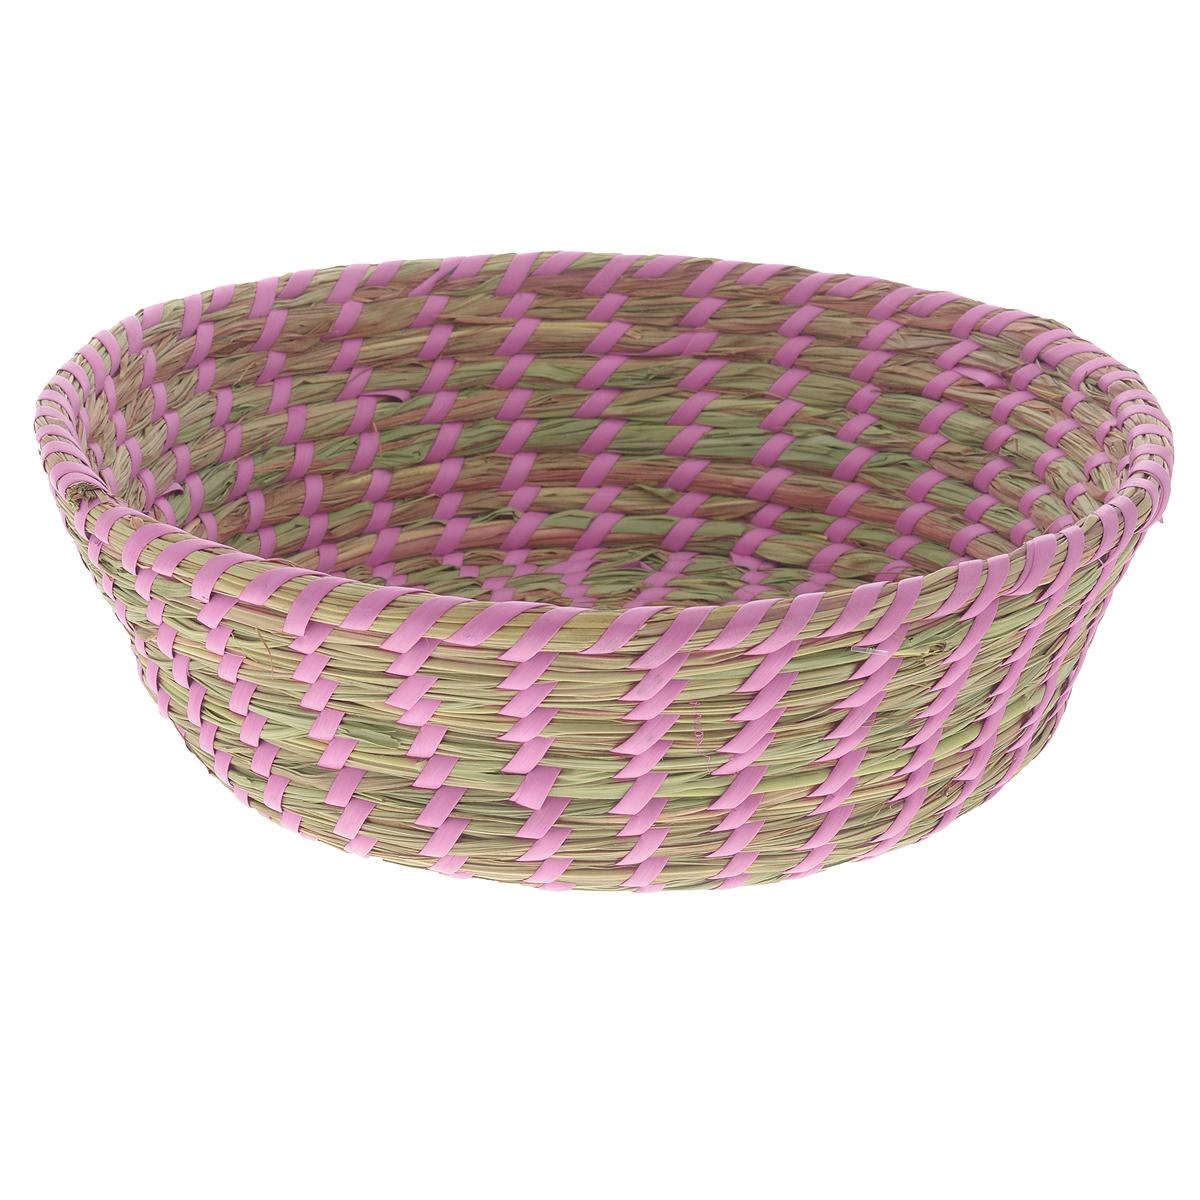 Корзина Zeller, диаметр 33 см18031Круглая корзина Zeller изготовлена из натурального плетеного волокна. Она предназначена для хранения фруктов, хлеба, а также мелочей дома или на даче. Позволяет хранить мелкие вещи, исключая возможность их потери. Корзина очень вместительная. Элегантный выдержанный дизайн позволяет органично вписаться в ваш интерьер и стать его элементом. Материал: натуральное волокно. Диаметр: 33 см. Высота: 10 см.